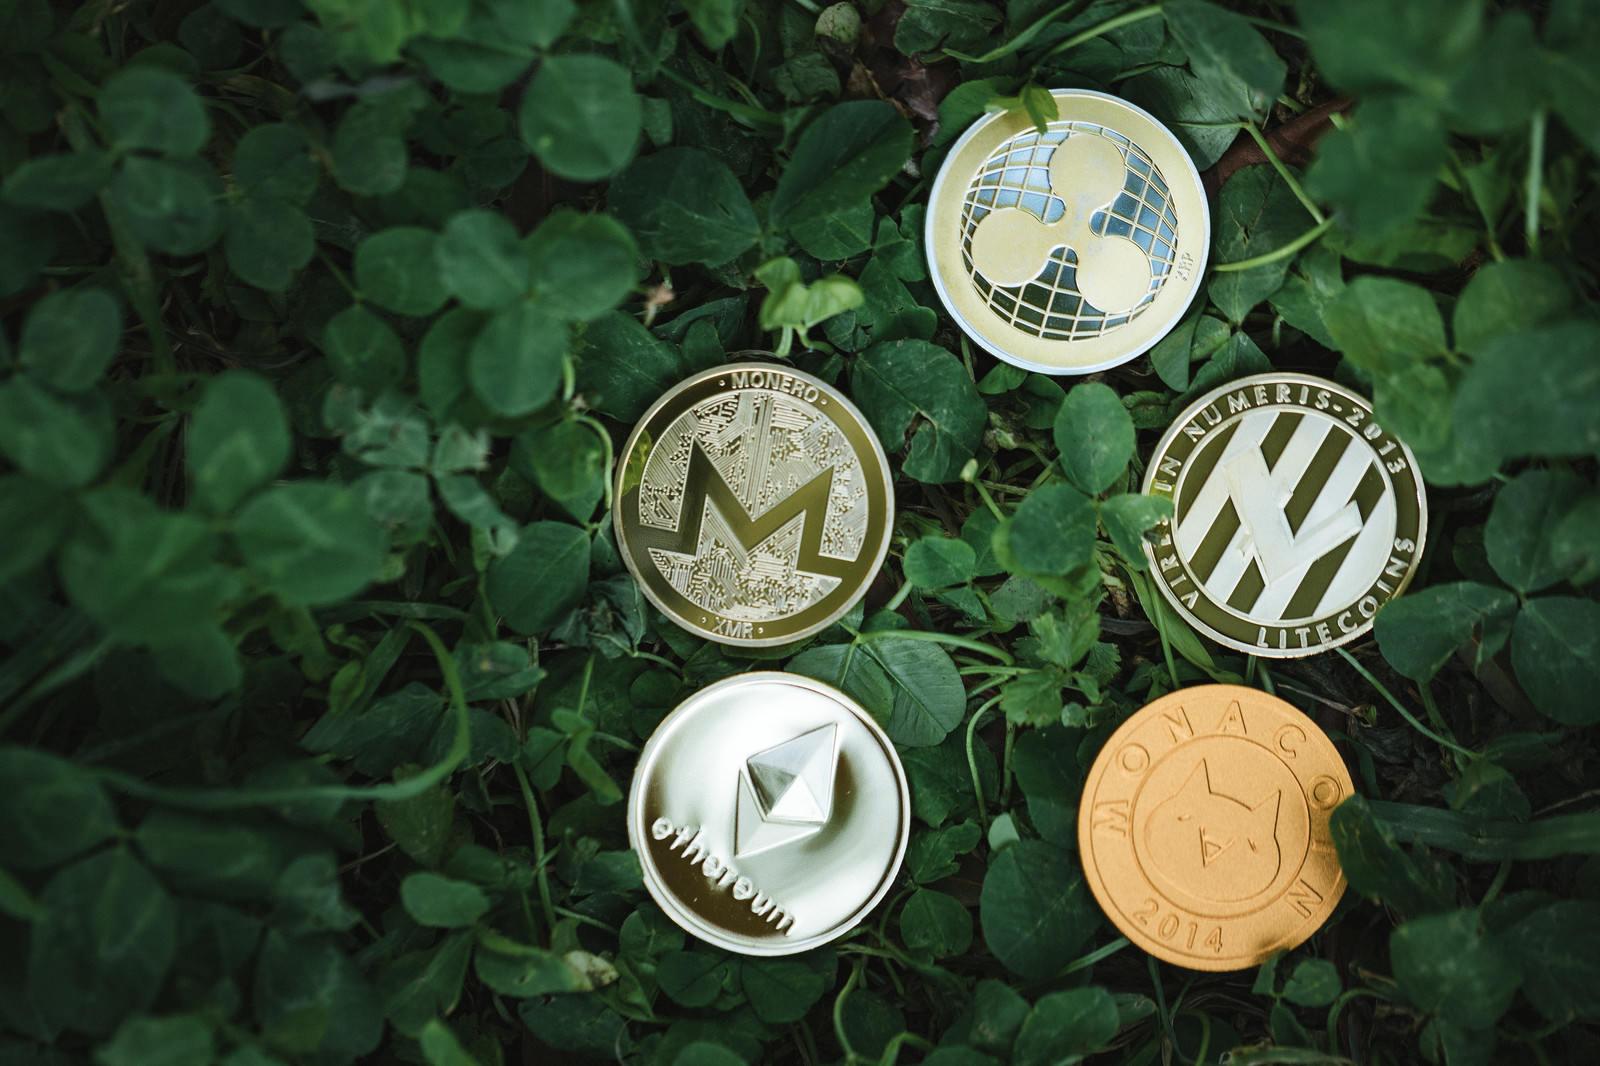 「草むらの中のコイン(アルトコイン)」の写真